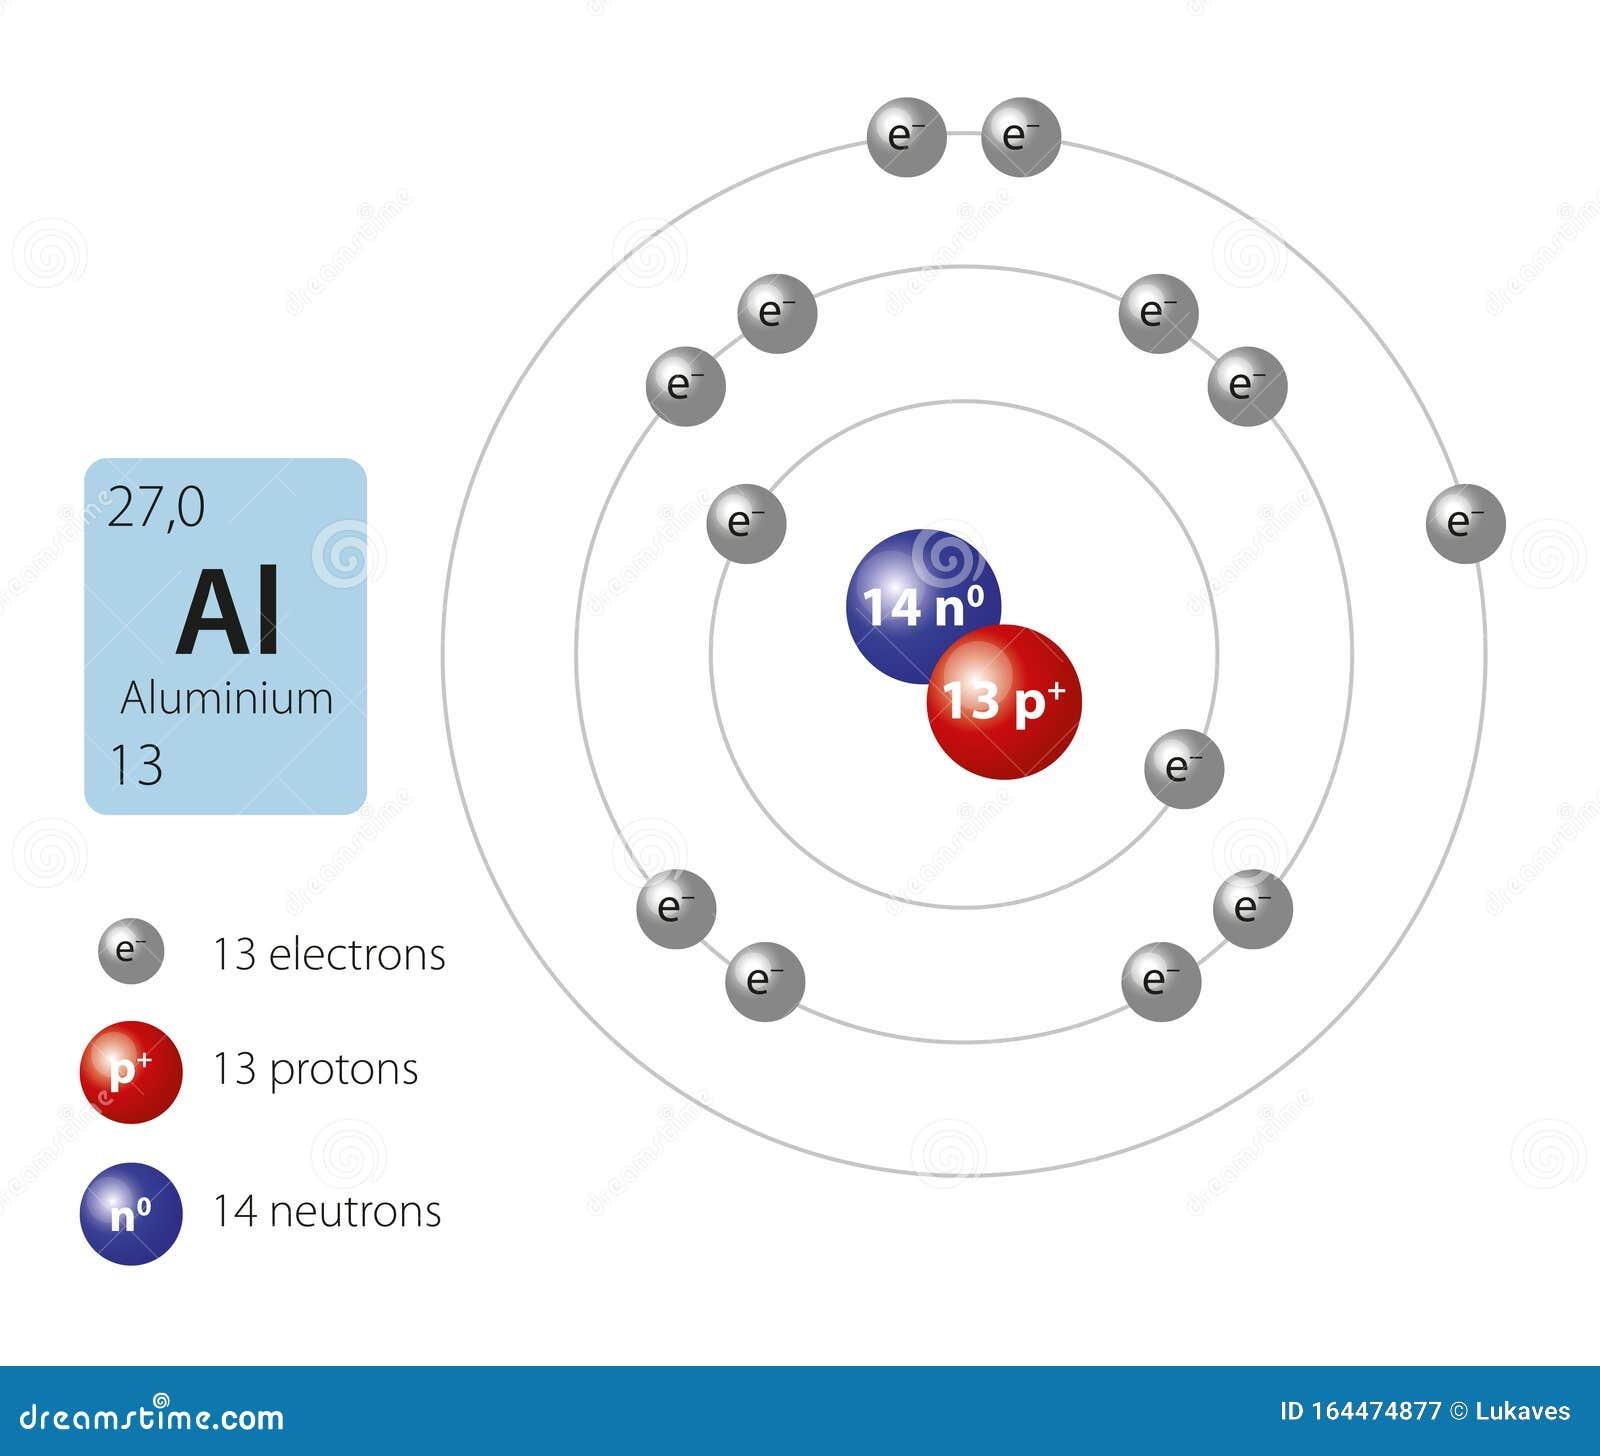 Znalezione obrazy dla zapytania: budowa atomu glinu